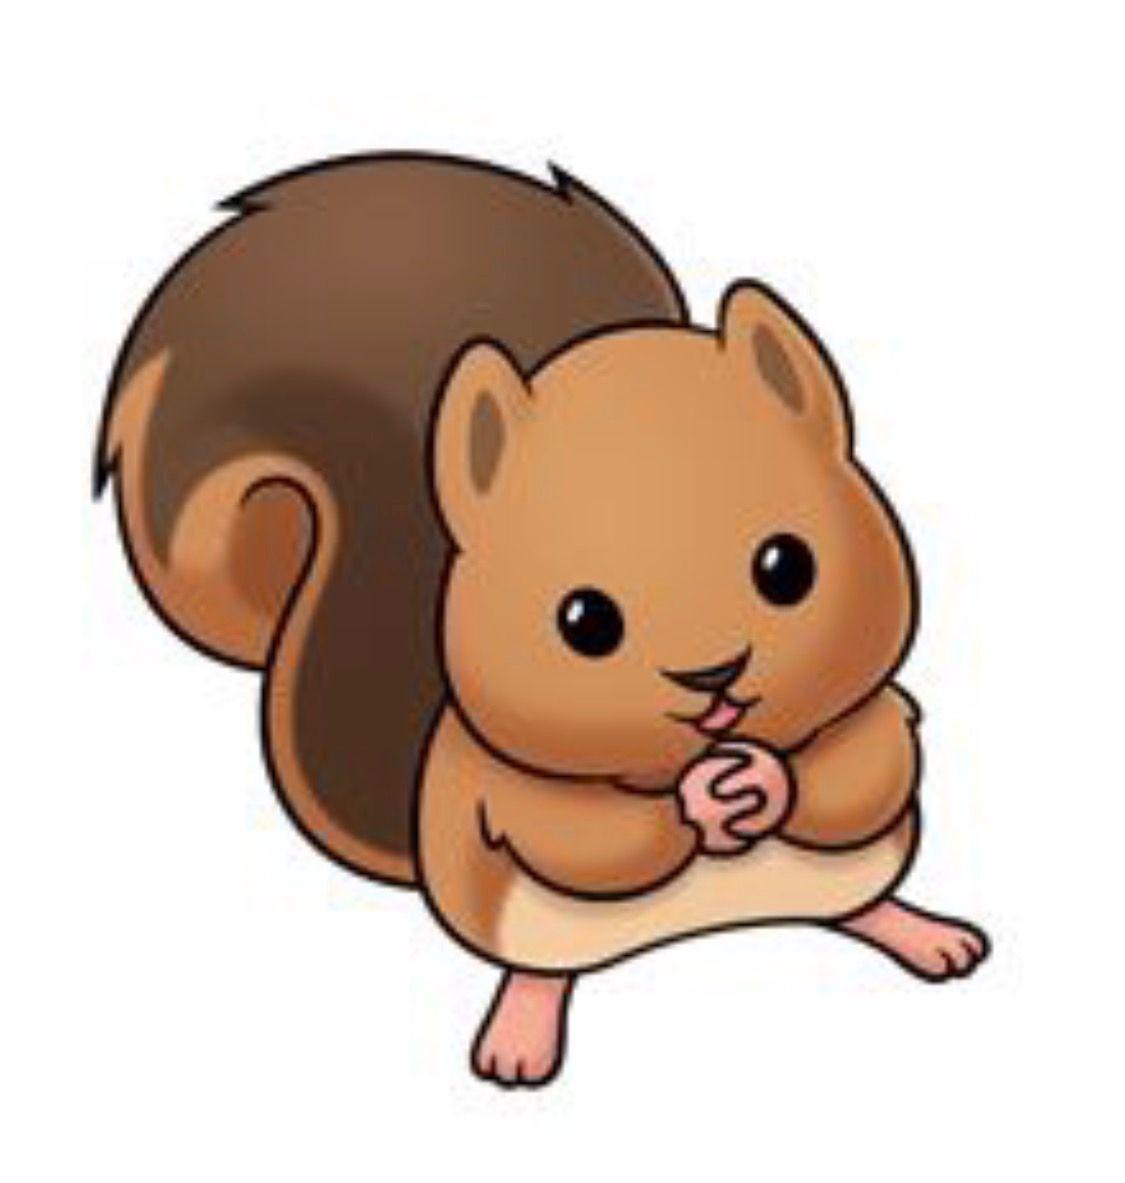 Baby Chipmunk.